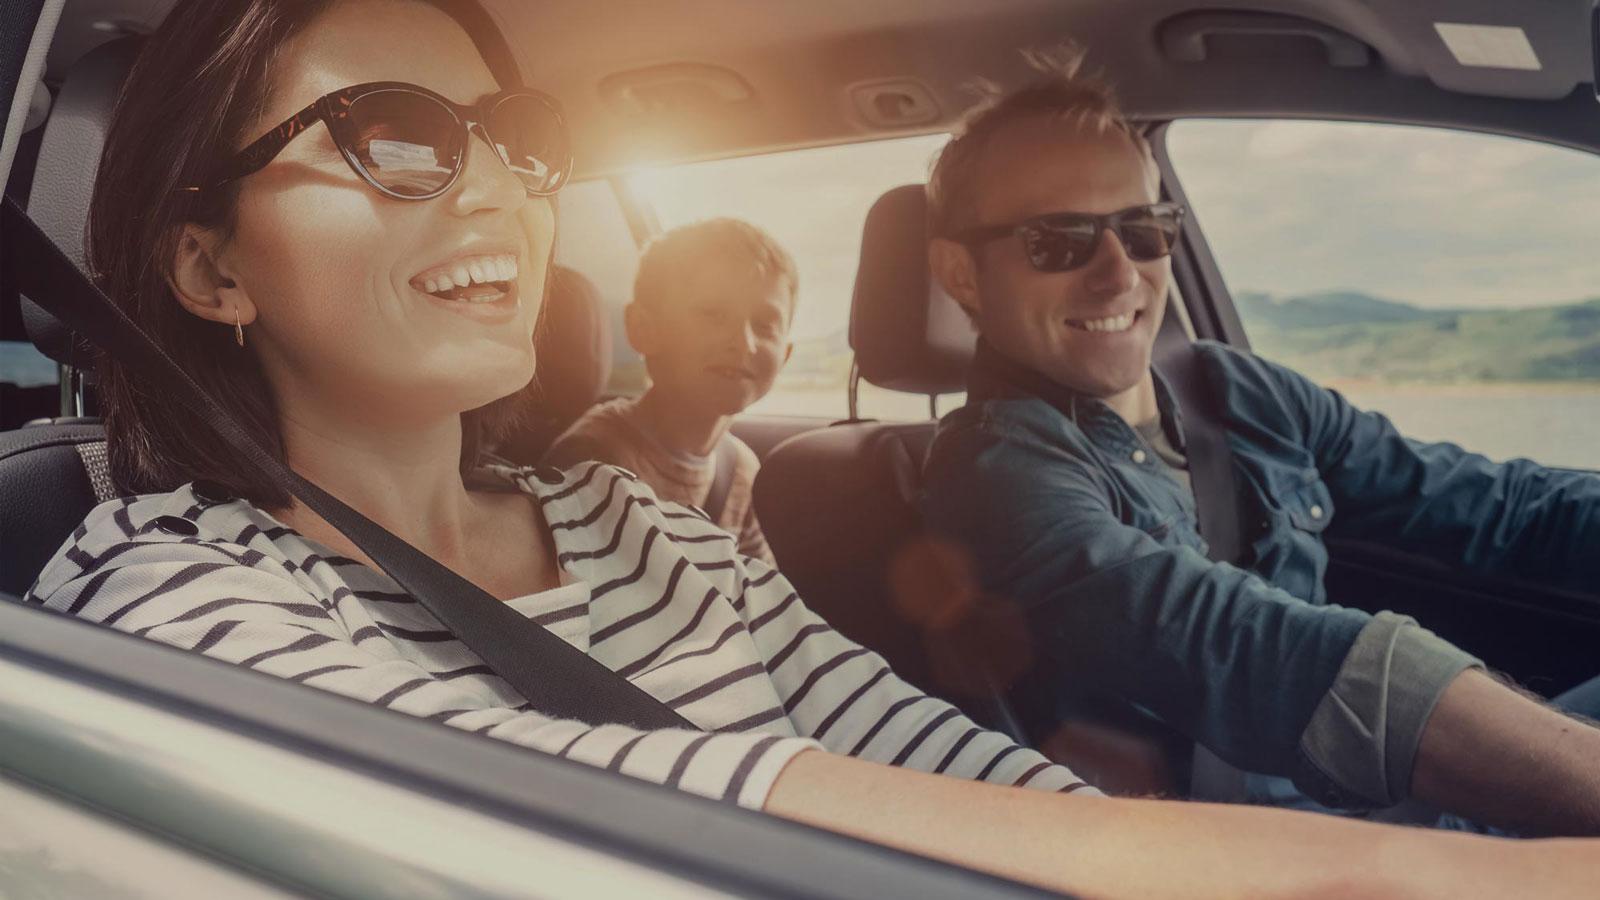 Tilaa uusi leasingauto helpottamaan koko perheen arkea.